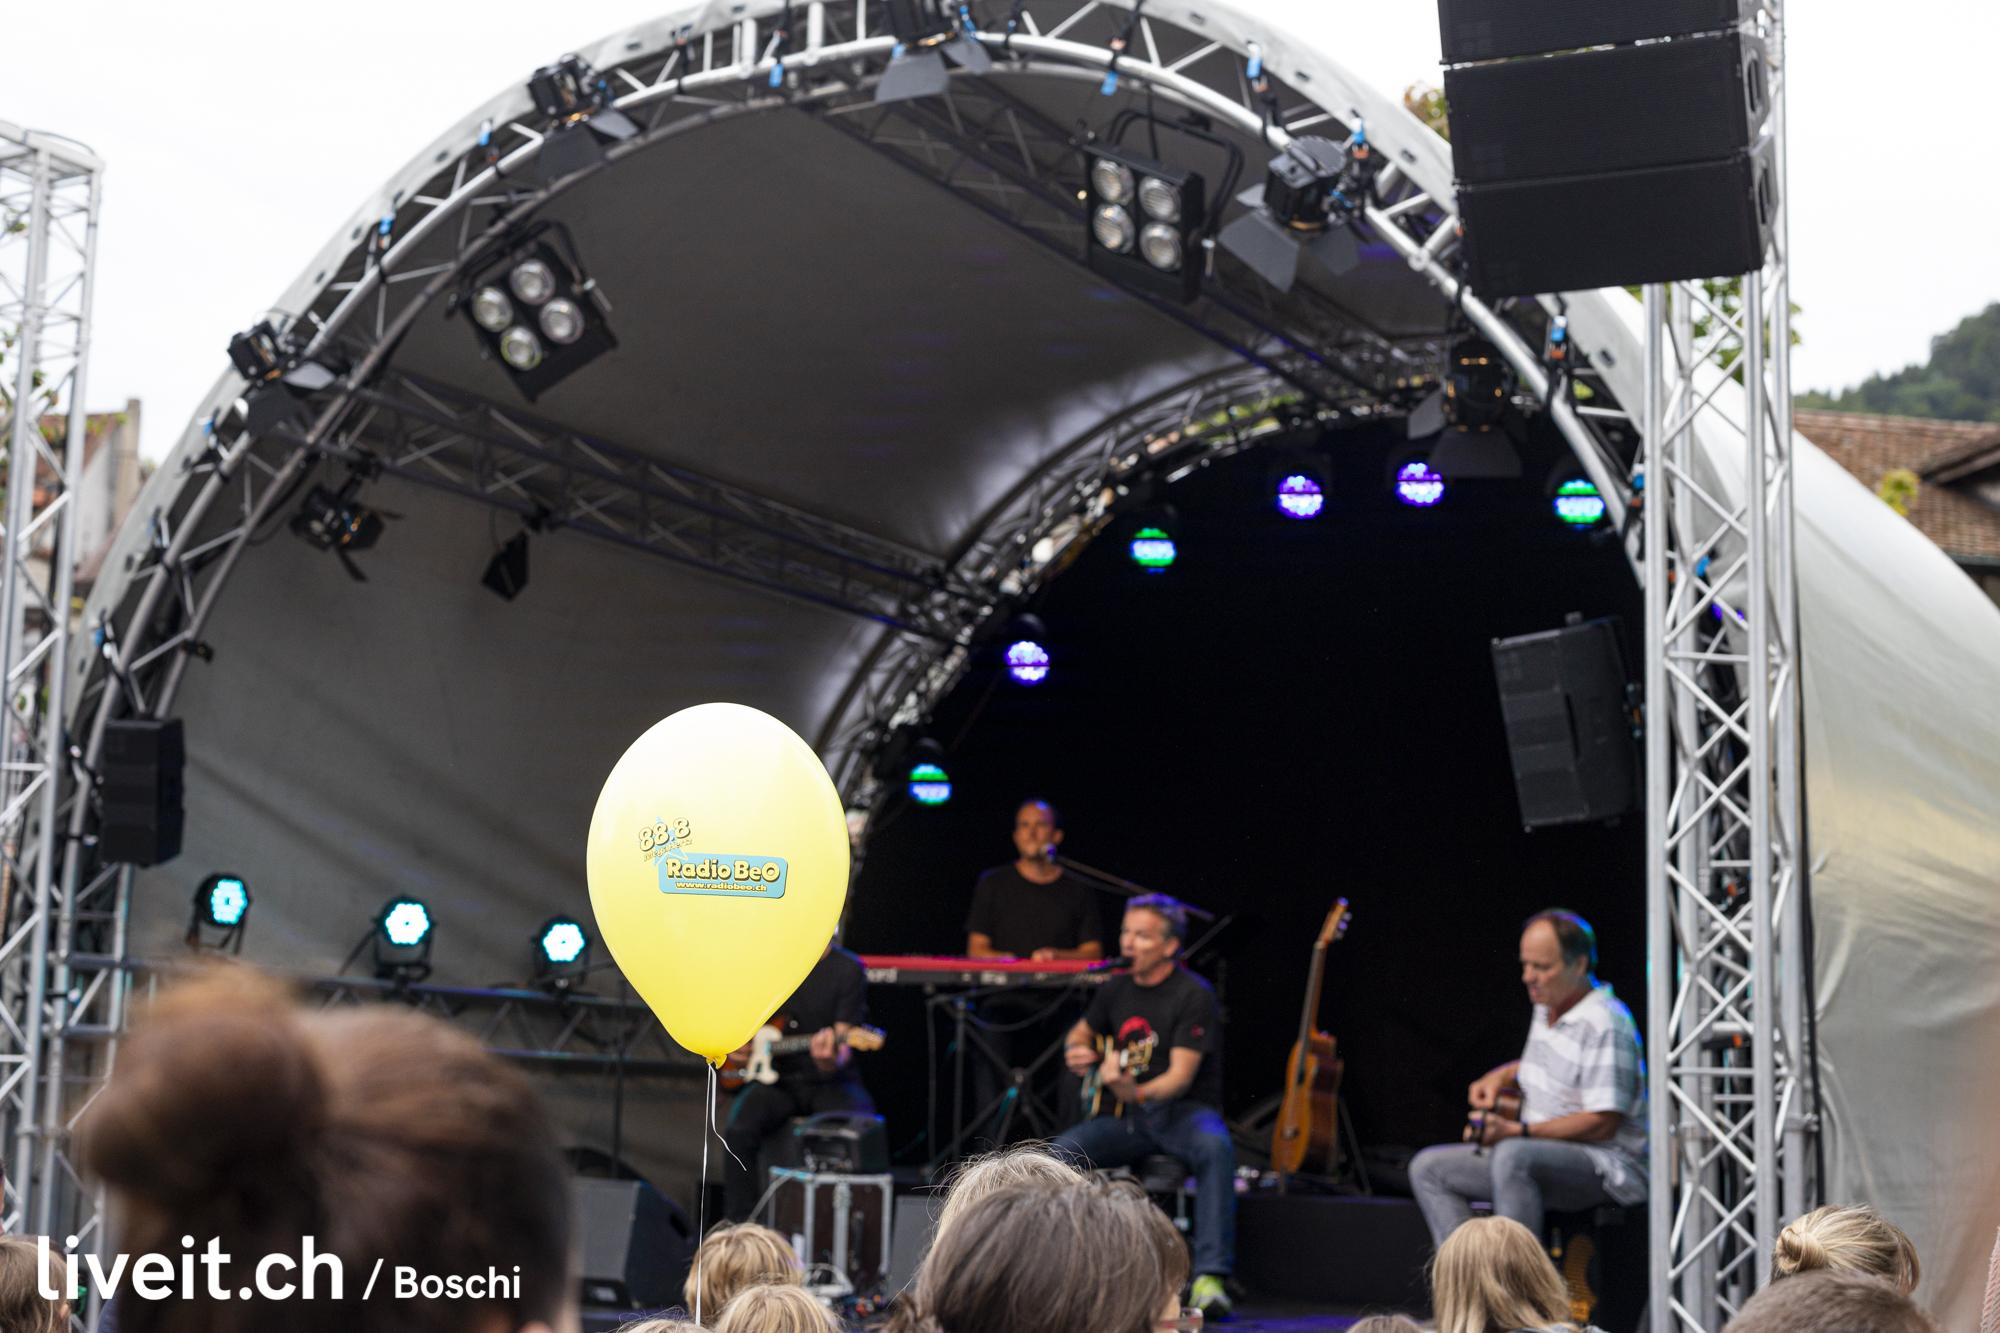 Ueli Schmezer & Chinderland Band am Thunfest 2019 (liveit.ch/boschi)